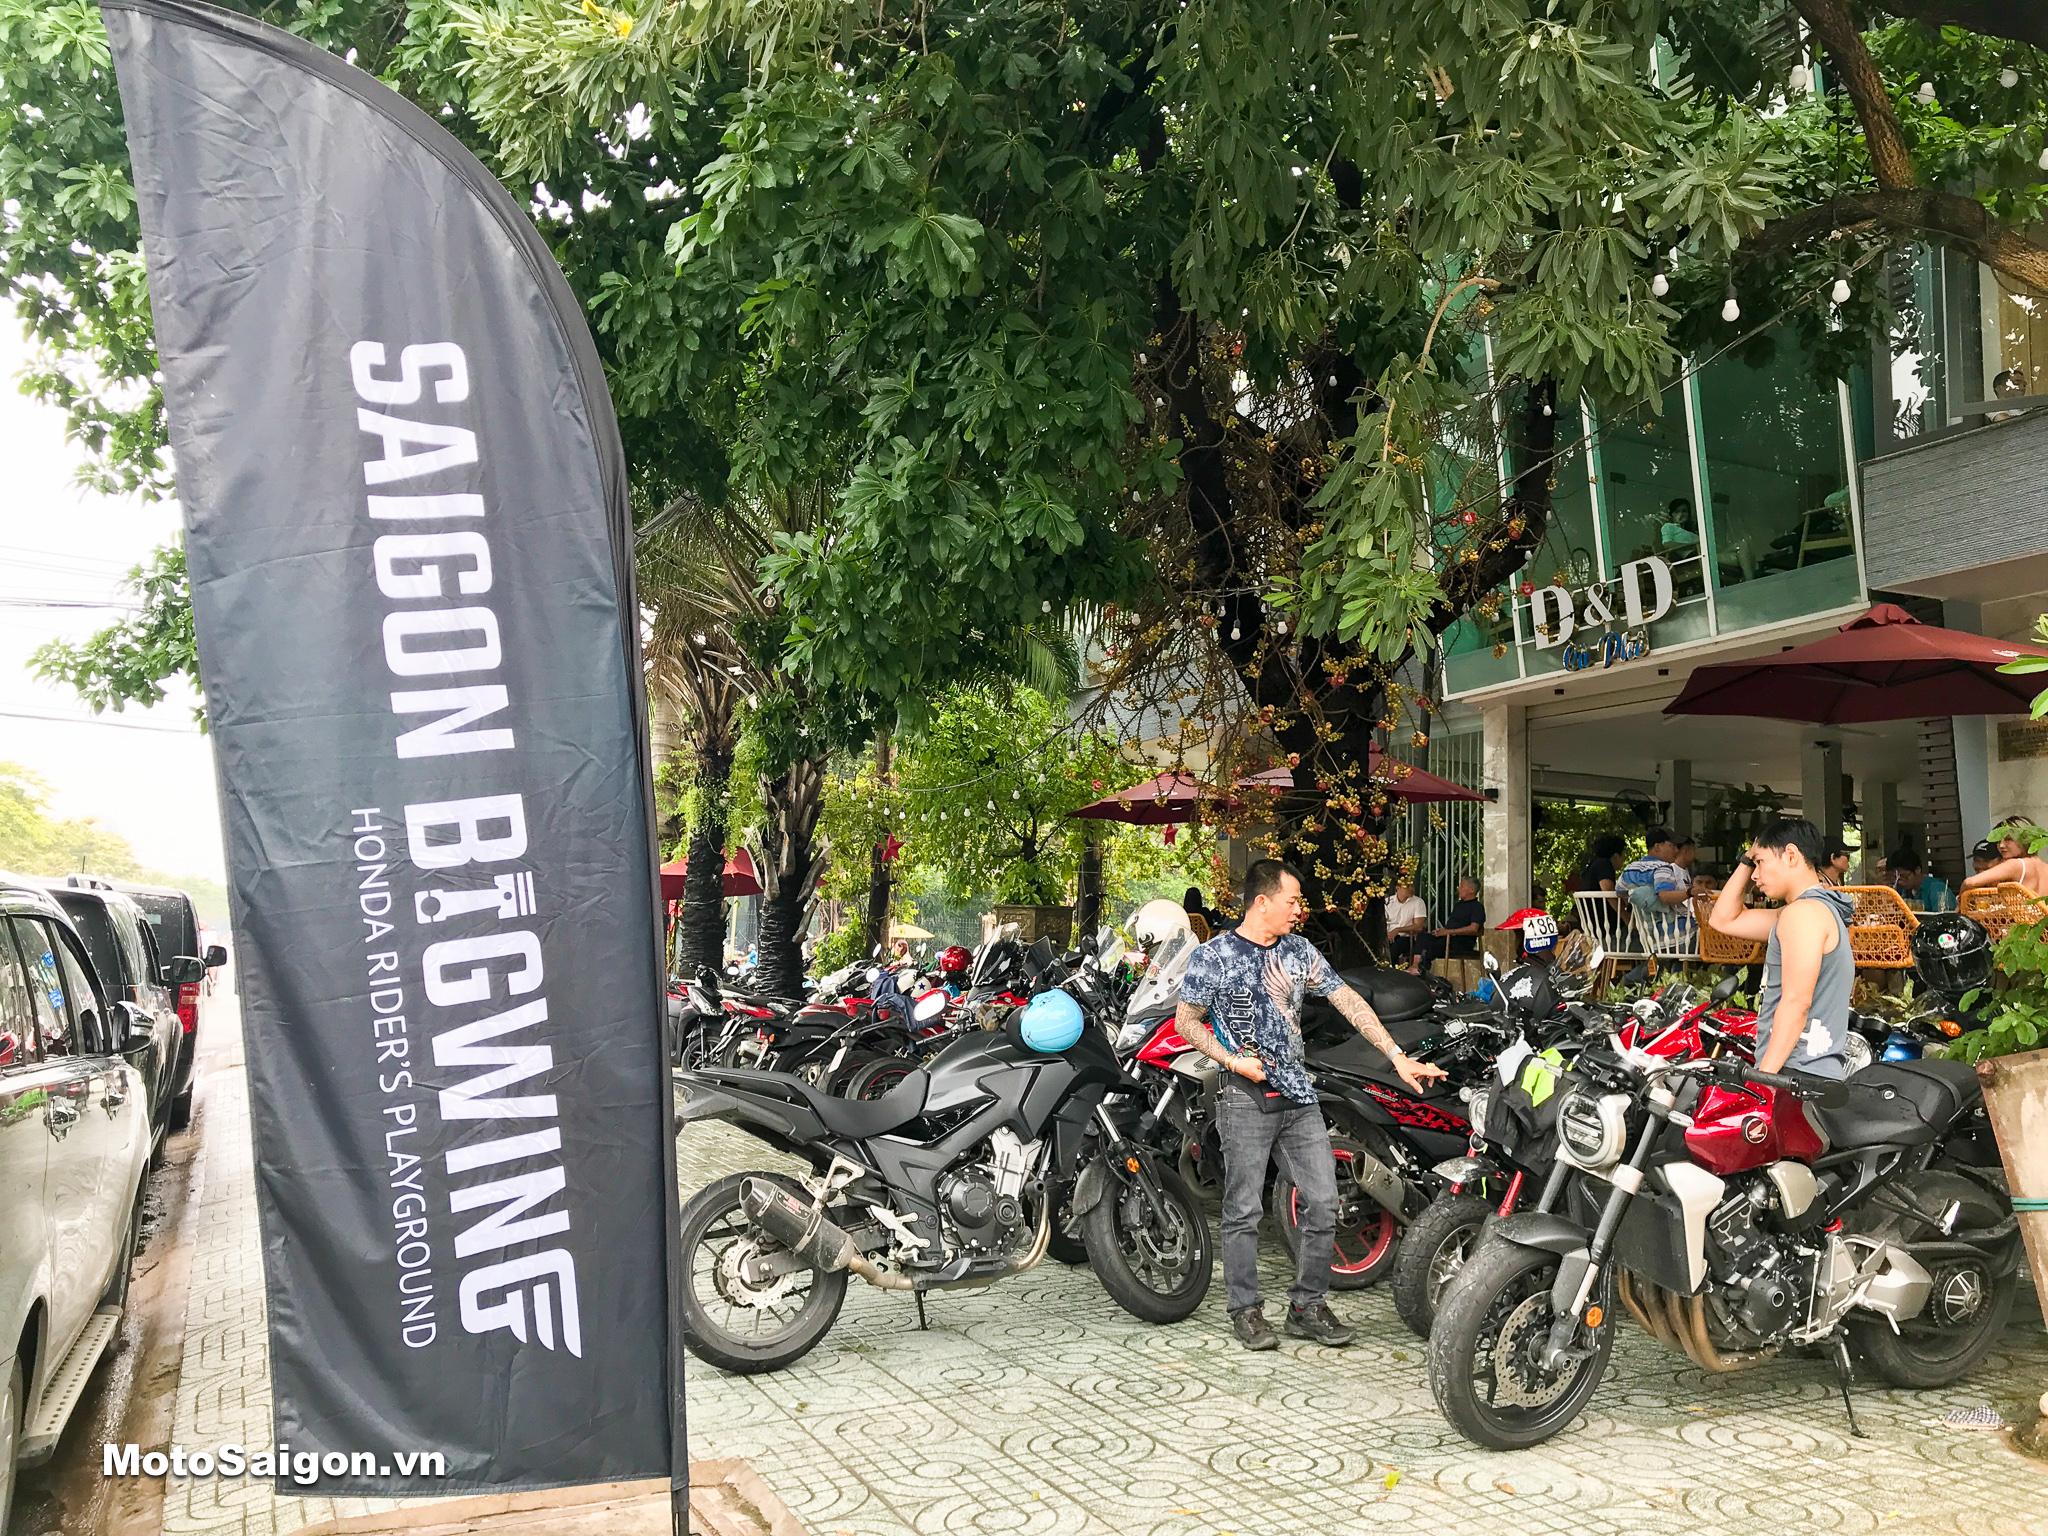 Honda Saigon BigWing offline tại quán Cafe D&D quận Bình Tân